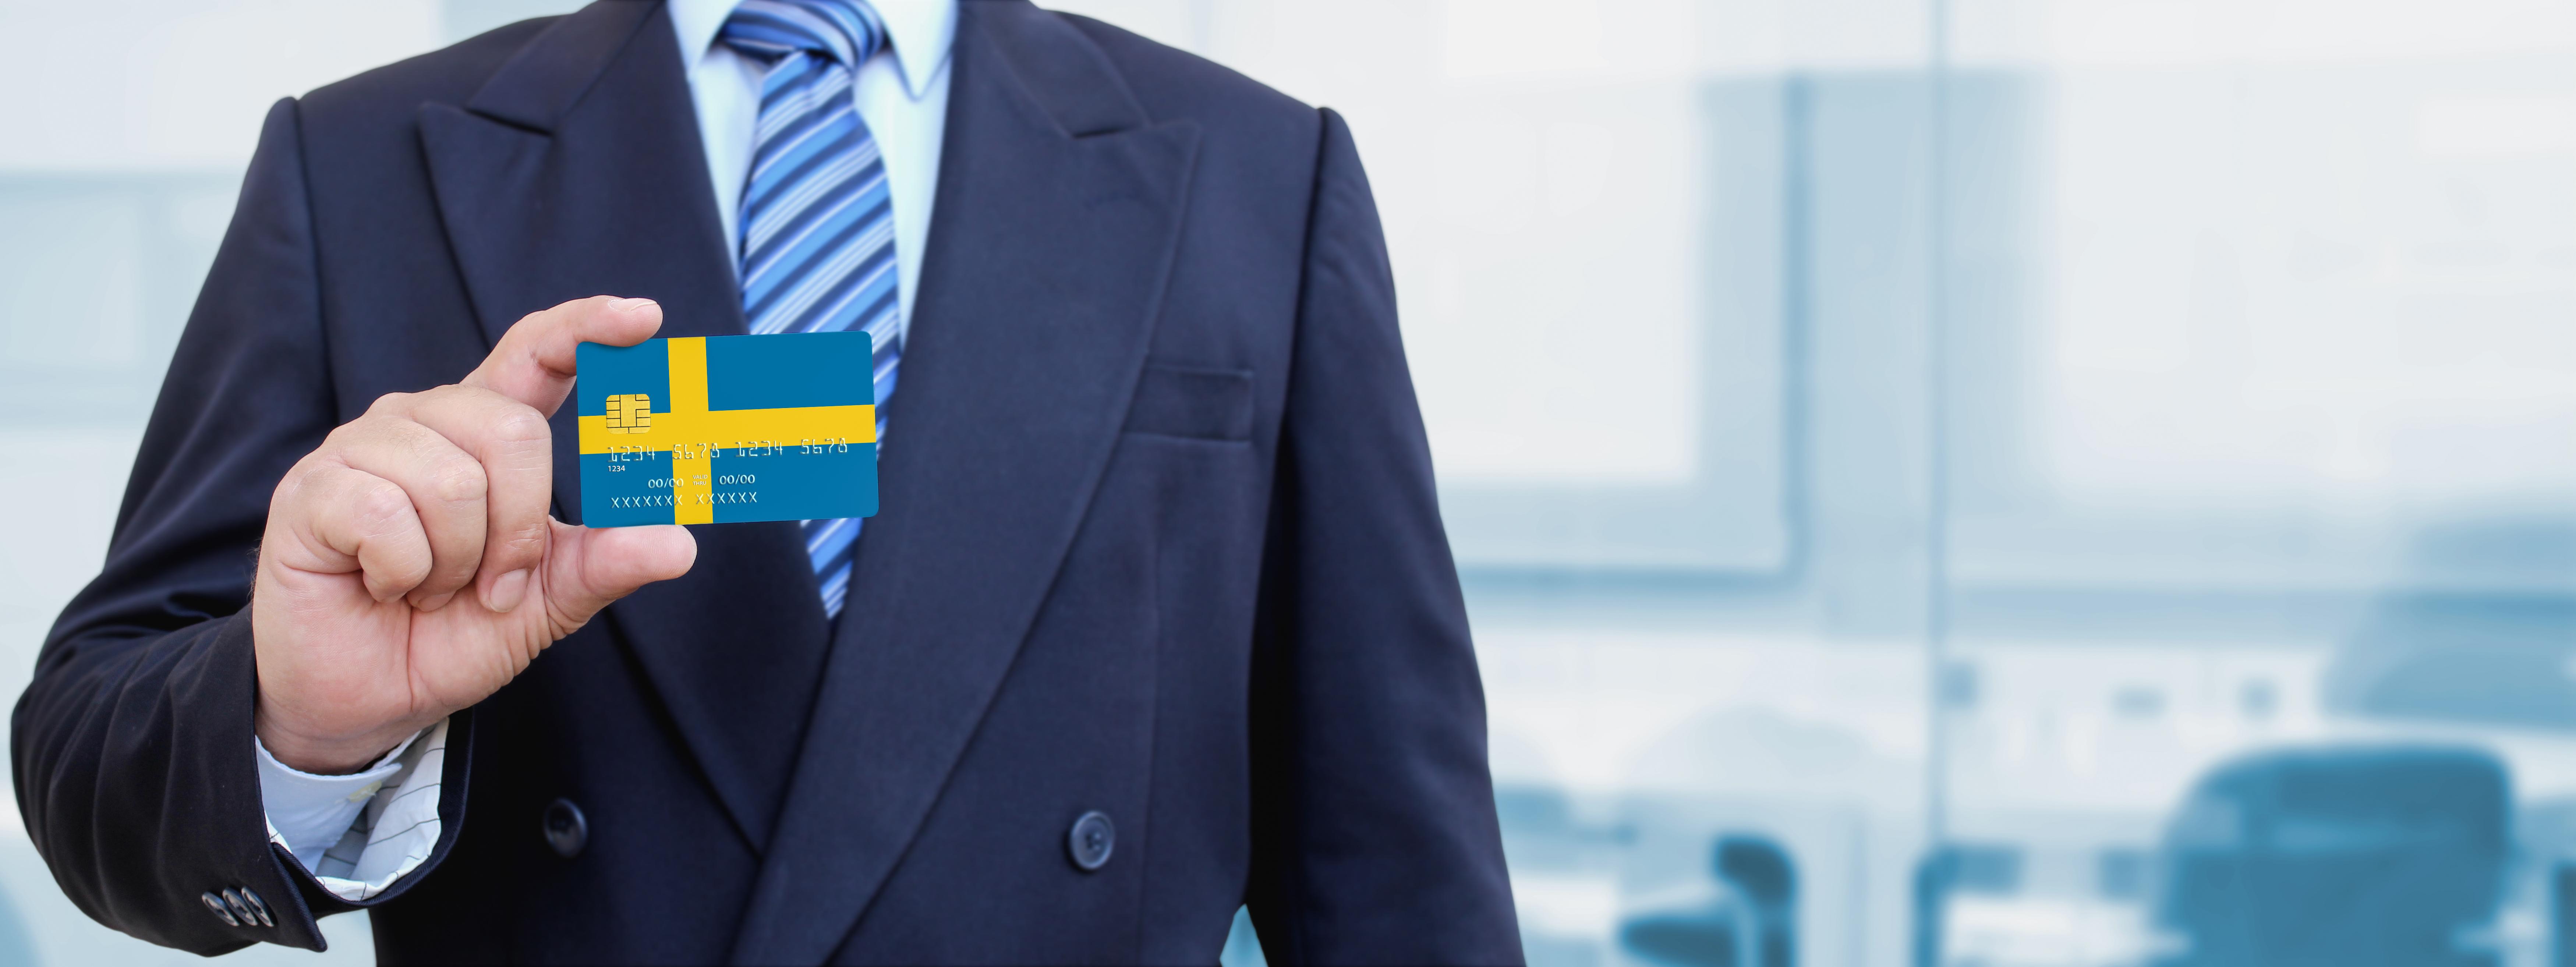 Бизнесмен с флагом Швеции, где иностранцы могут открыть бизнес